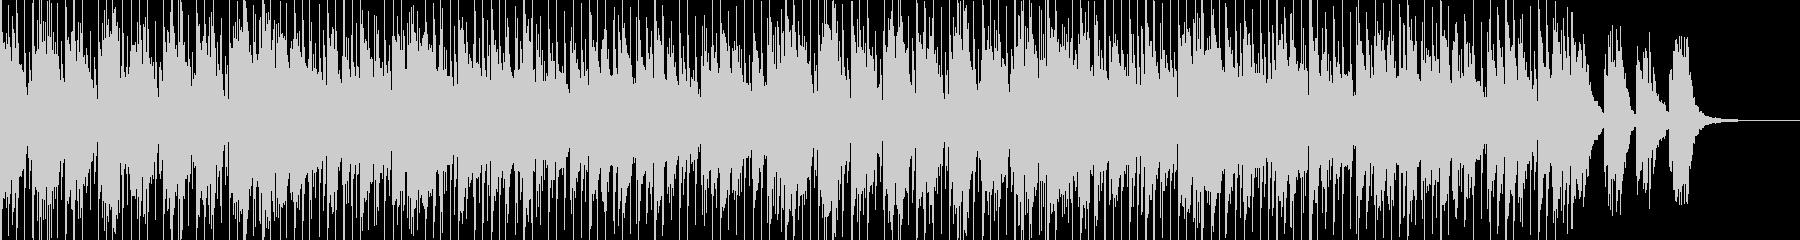 ポップでオーソドックスなフュージョン01の未再生の波形